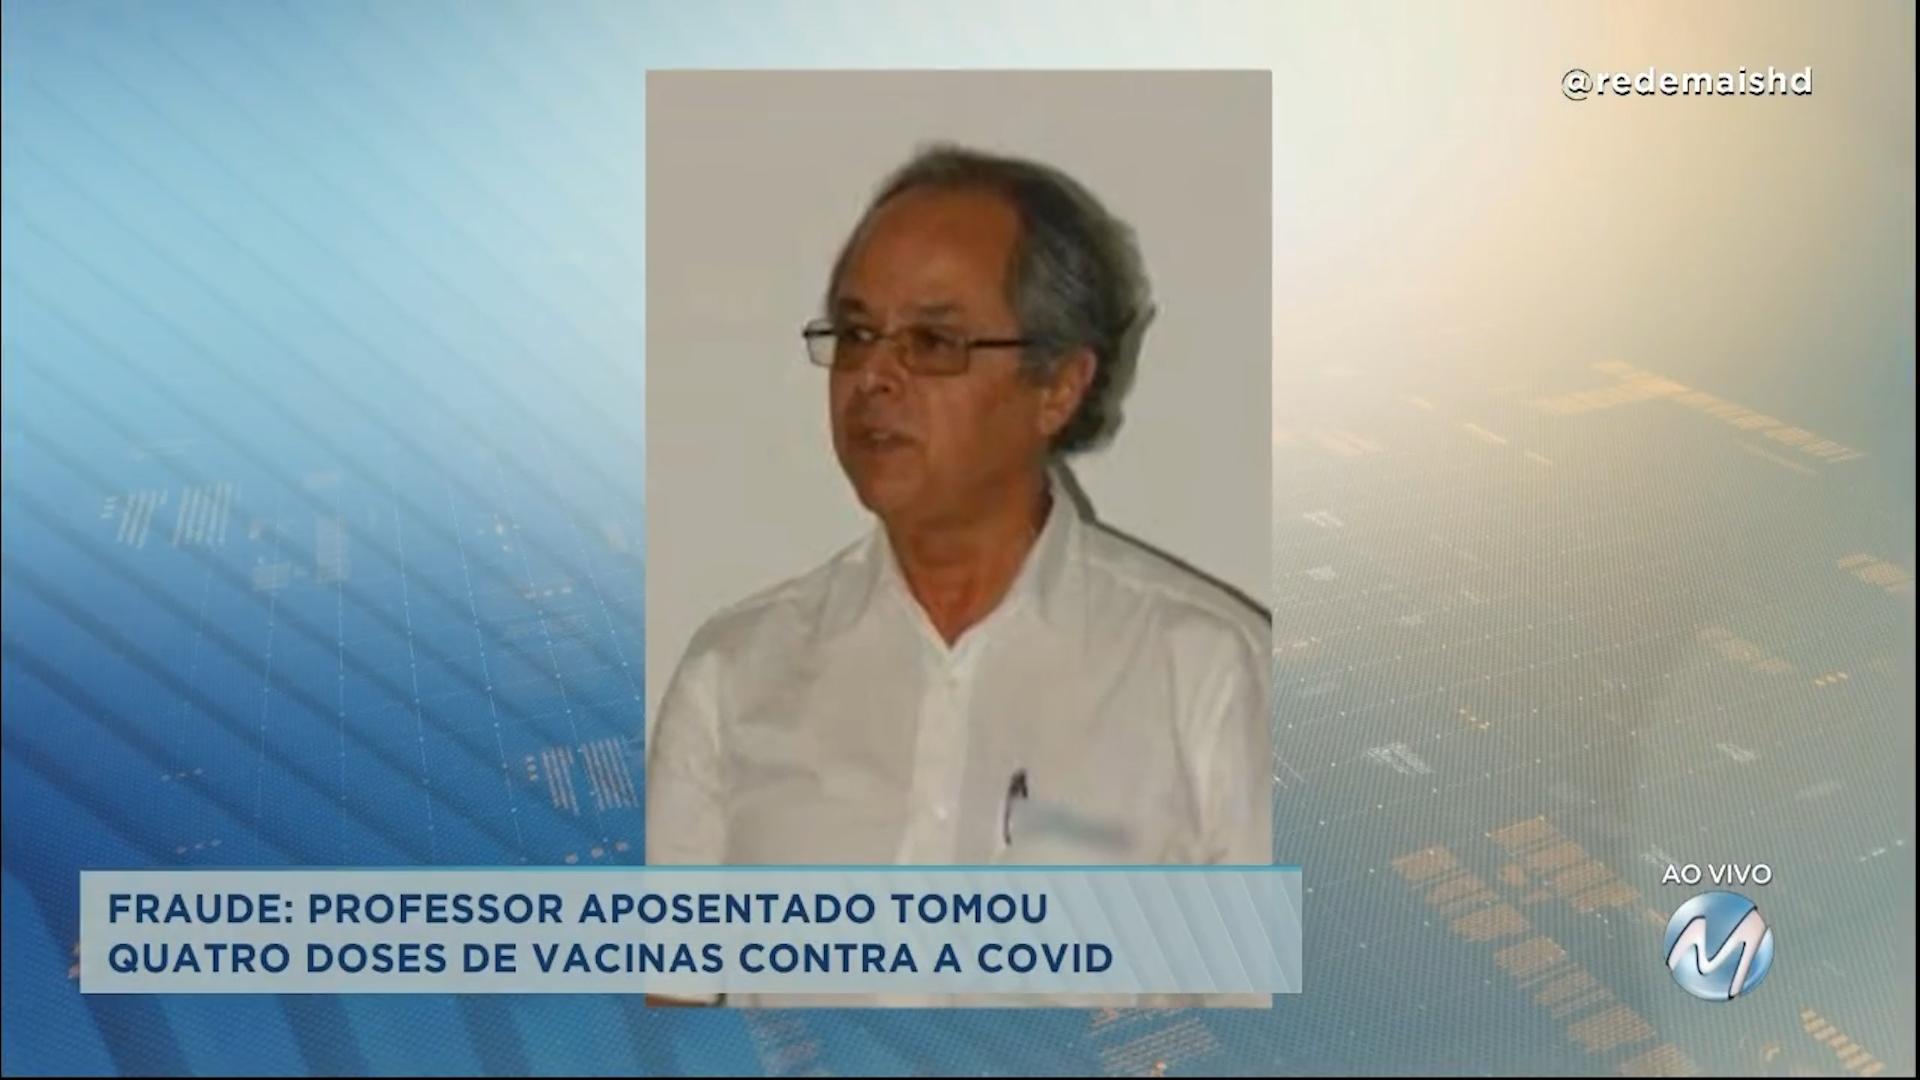 Fraude em Minas Gerais: professor aposentado tomou 4 doses de vacina contra a Covid-19